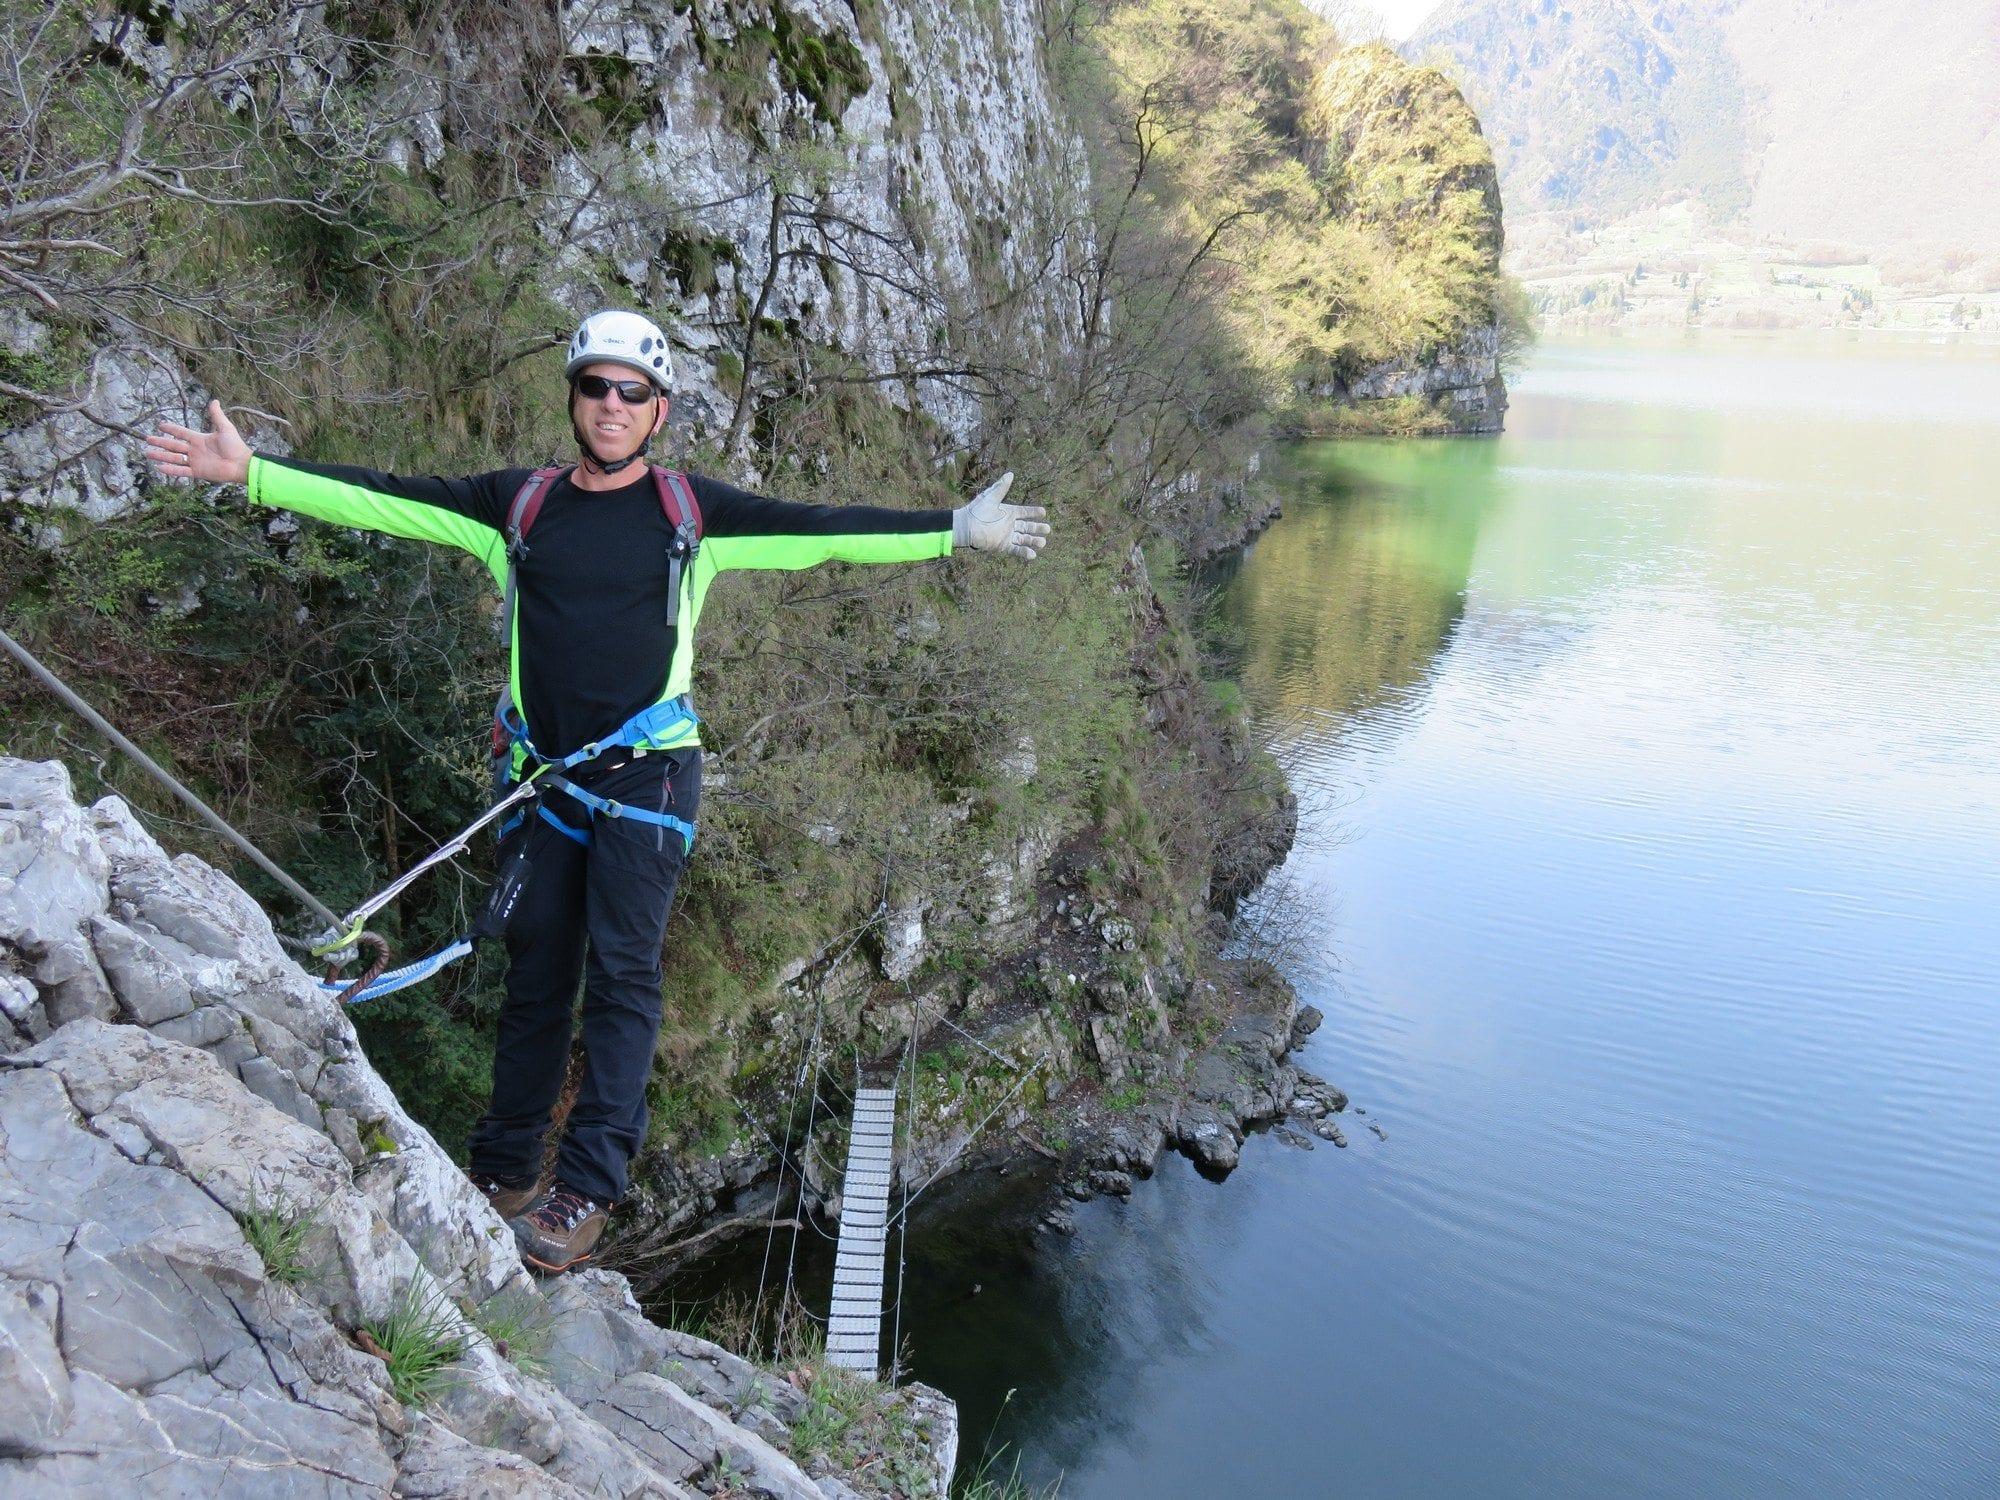 ויה פראטה Sasse - אגם אידרו צפון איטליה - ערוצים בטבע